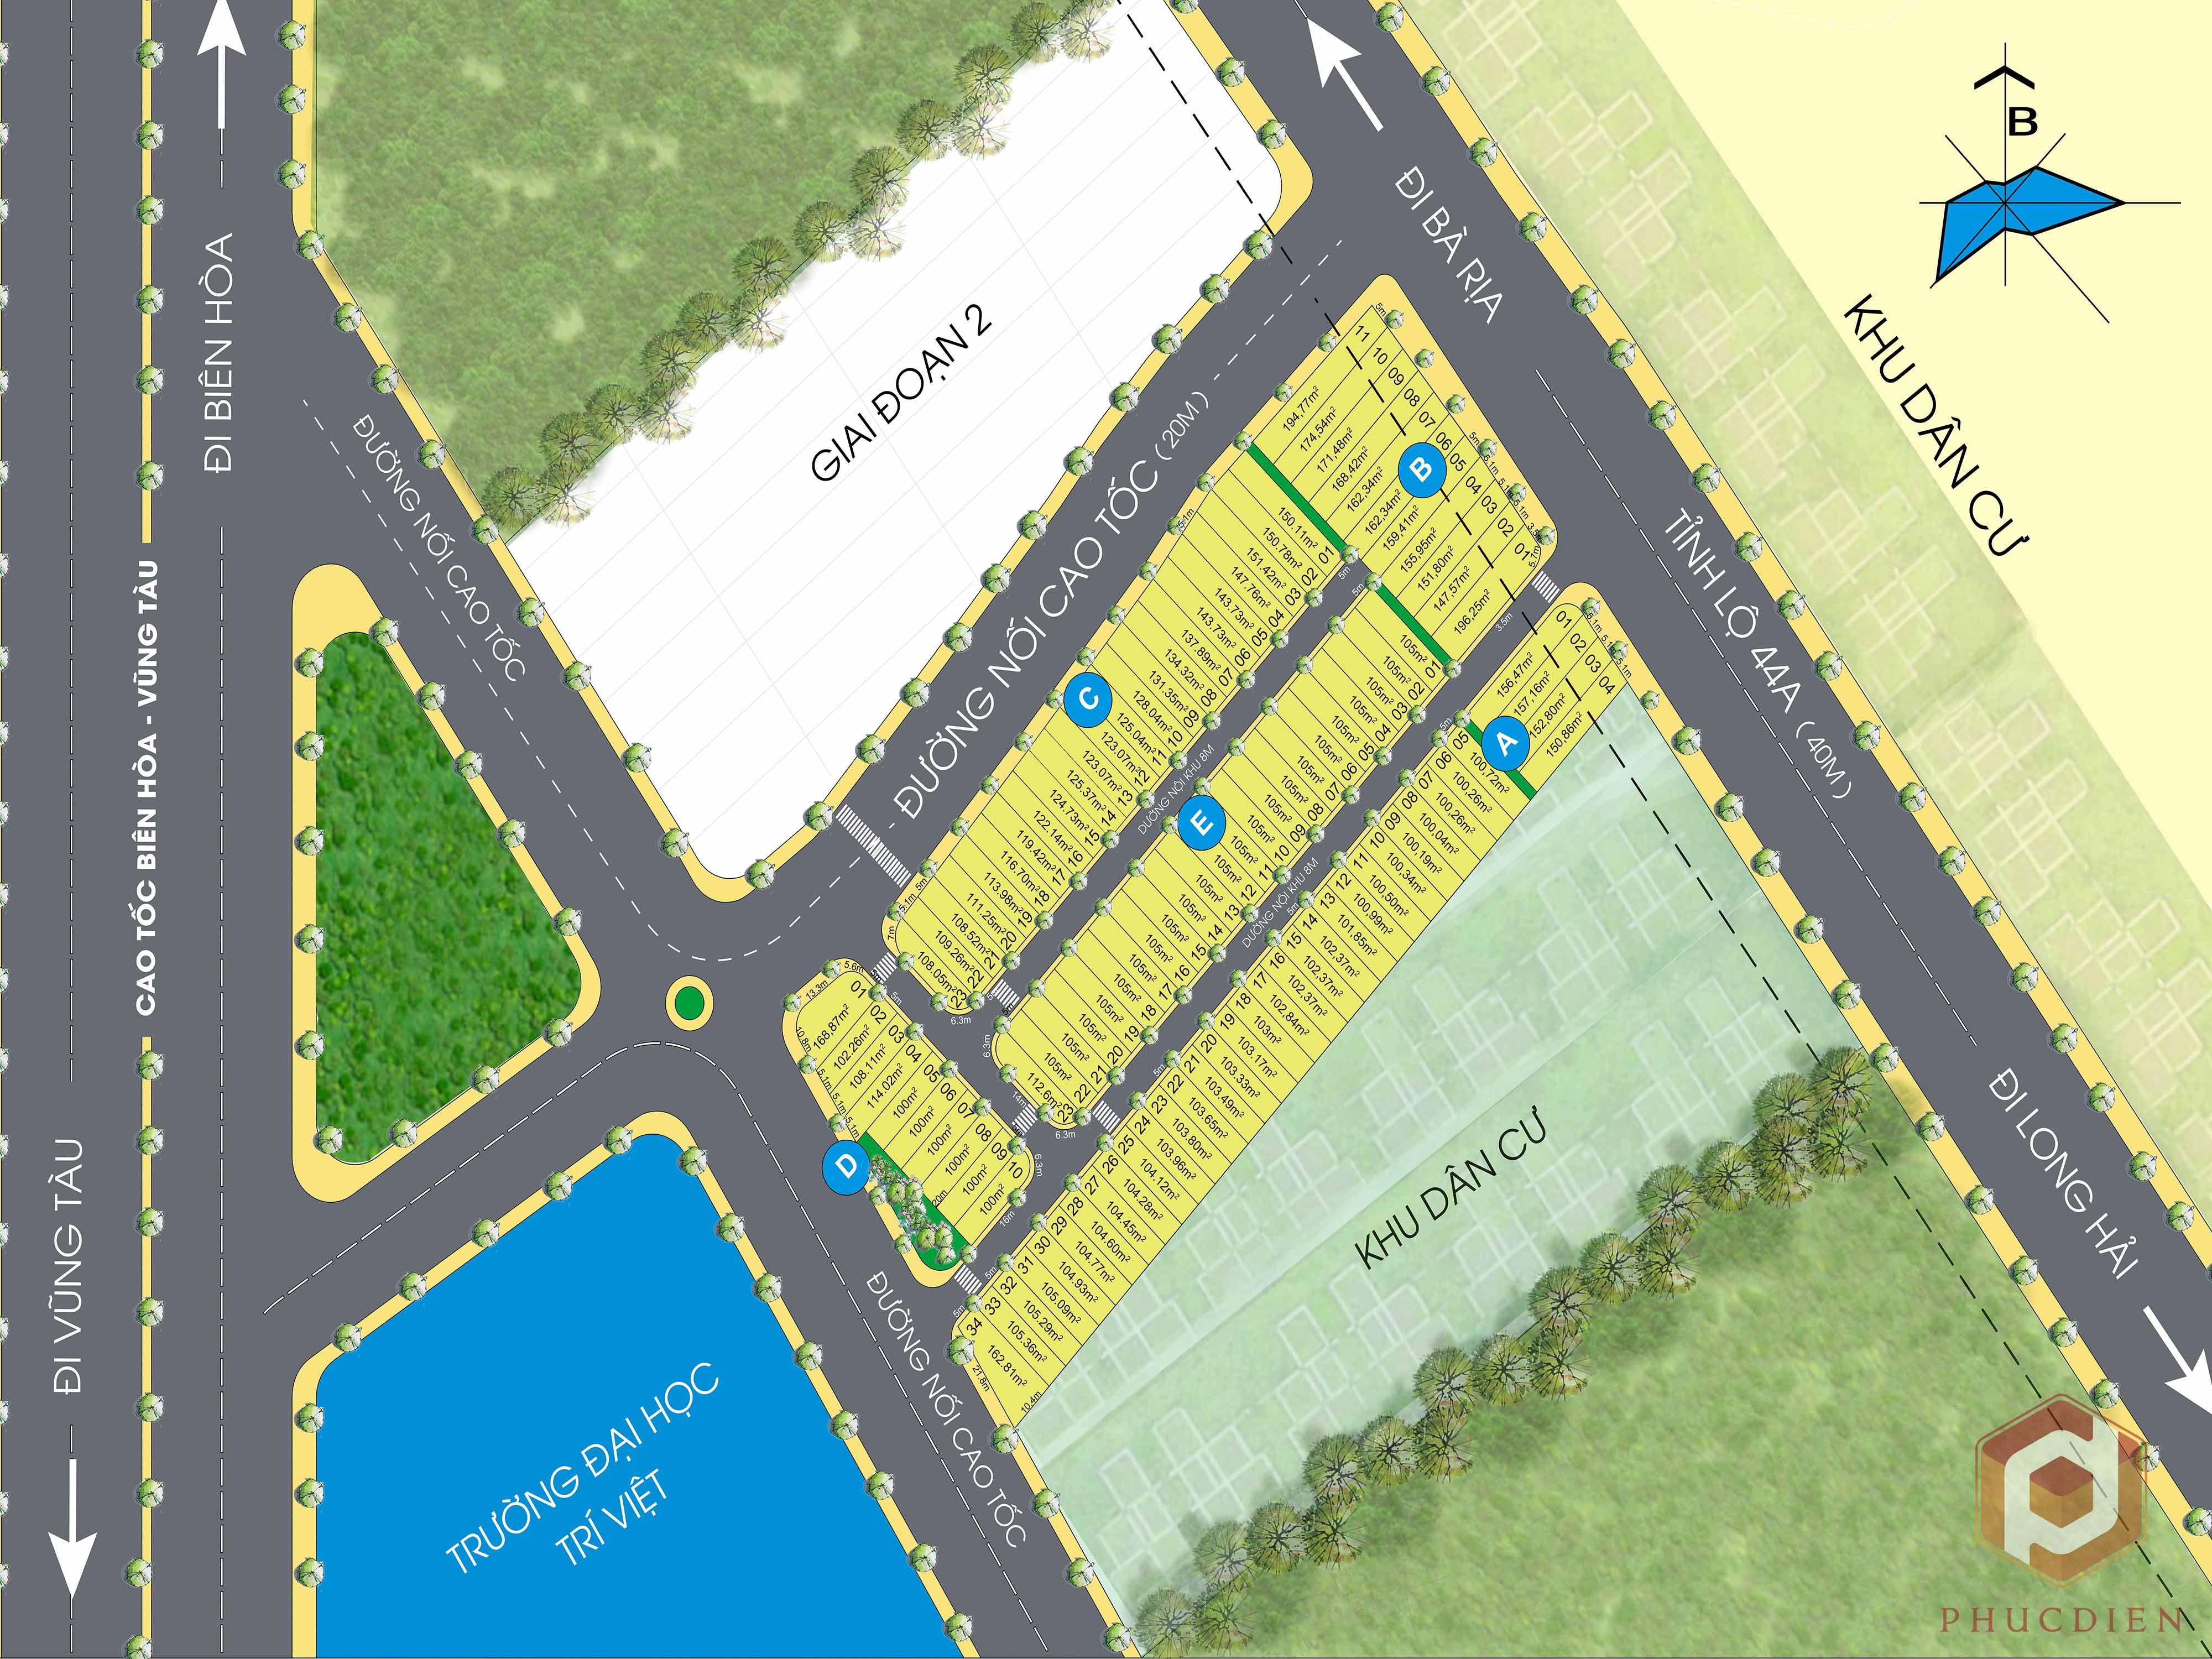 Mặt bằng dự án khu dân cư Golden Central Park Bà Rịa – Vũng Tàu